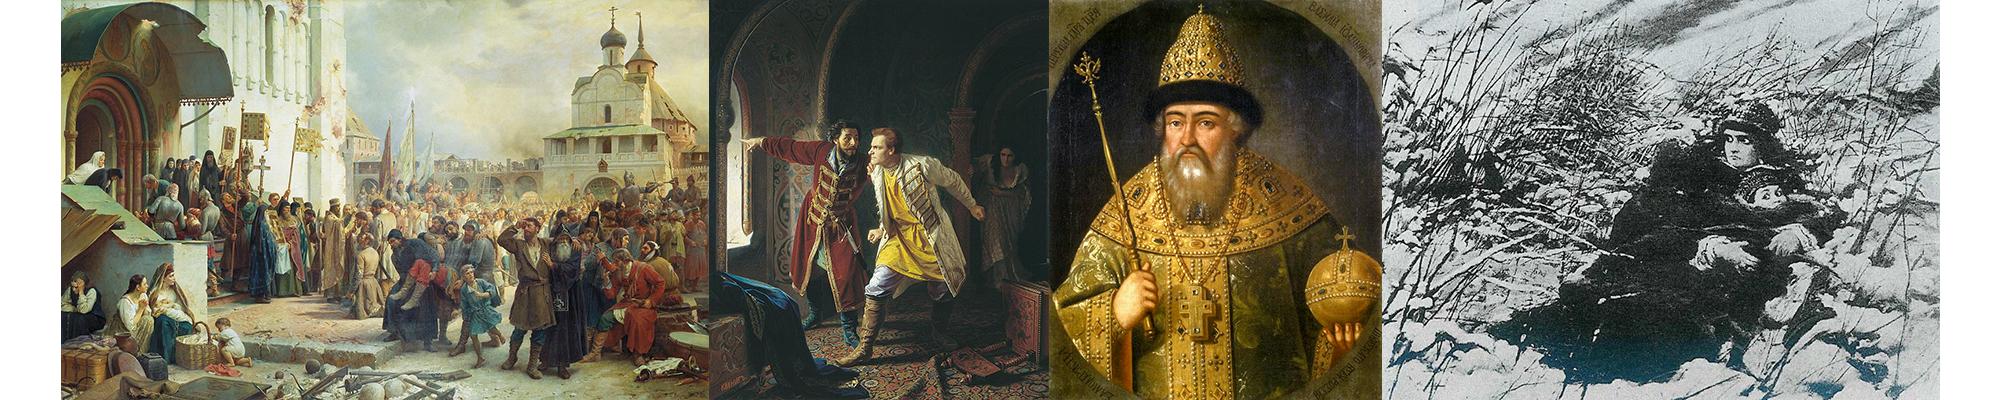 一个阴谋家干掉三个假沙皇上位的故事——正说波兰史(二十一)